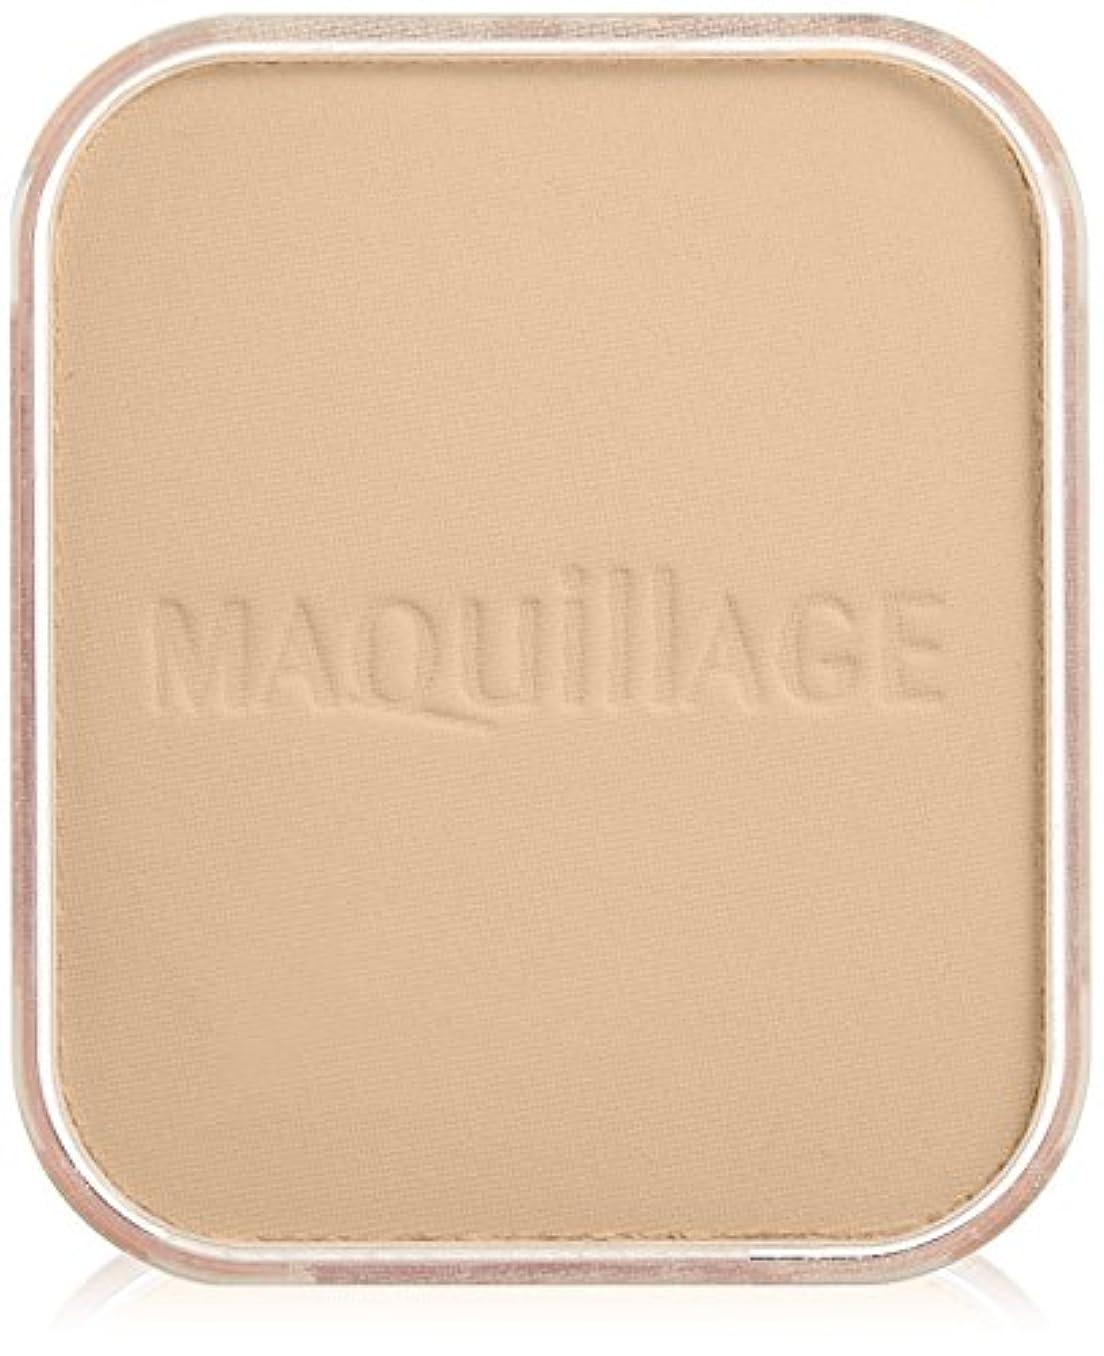 なす合金提案するマキアージュ ライティング ホワイトパウダリー UV オークル10 (レフィル) (SPF25?PA++) 10g